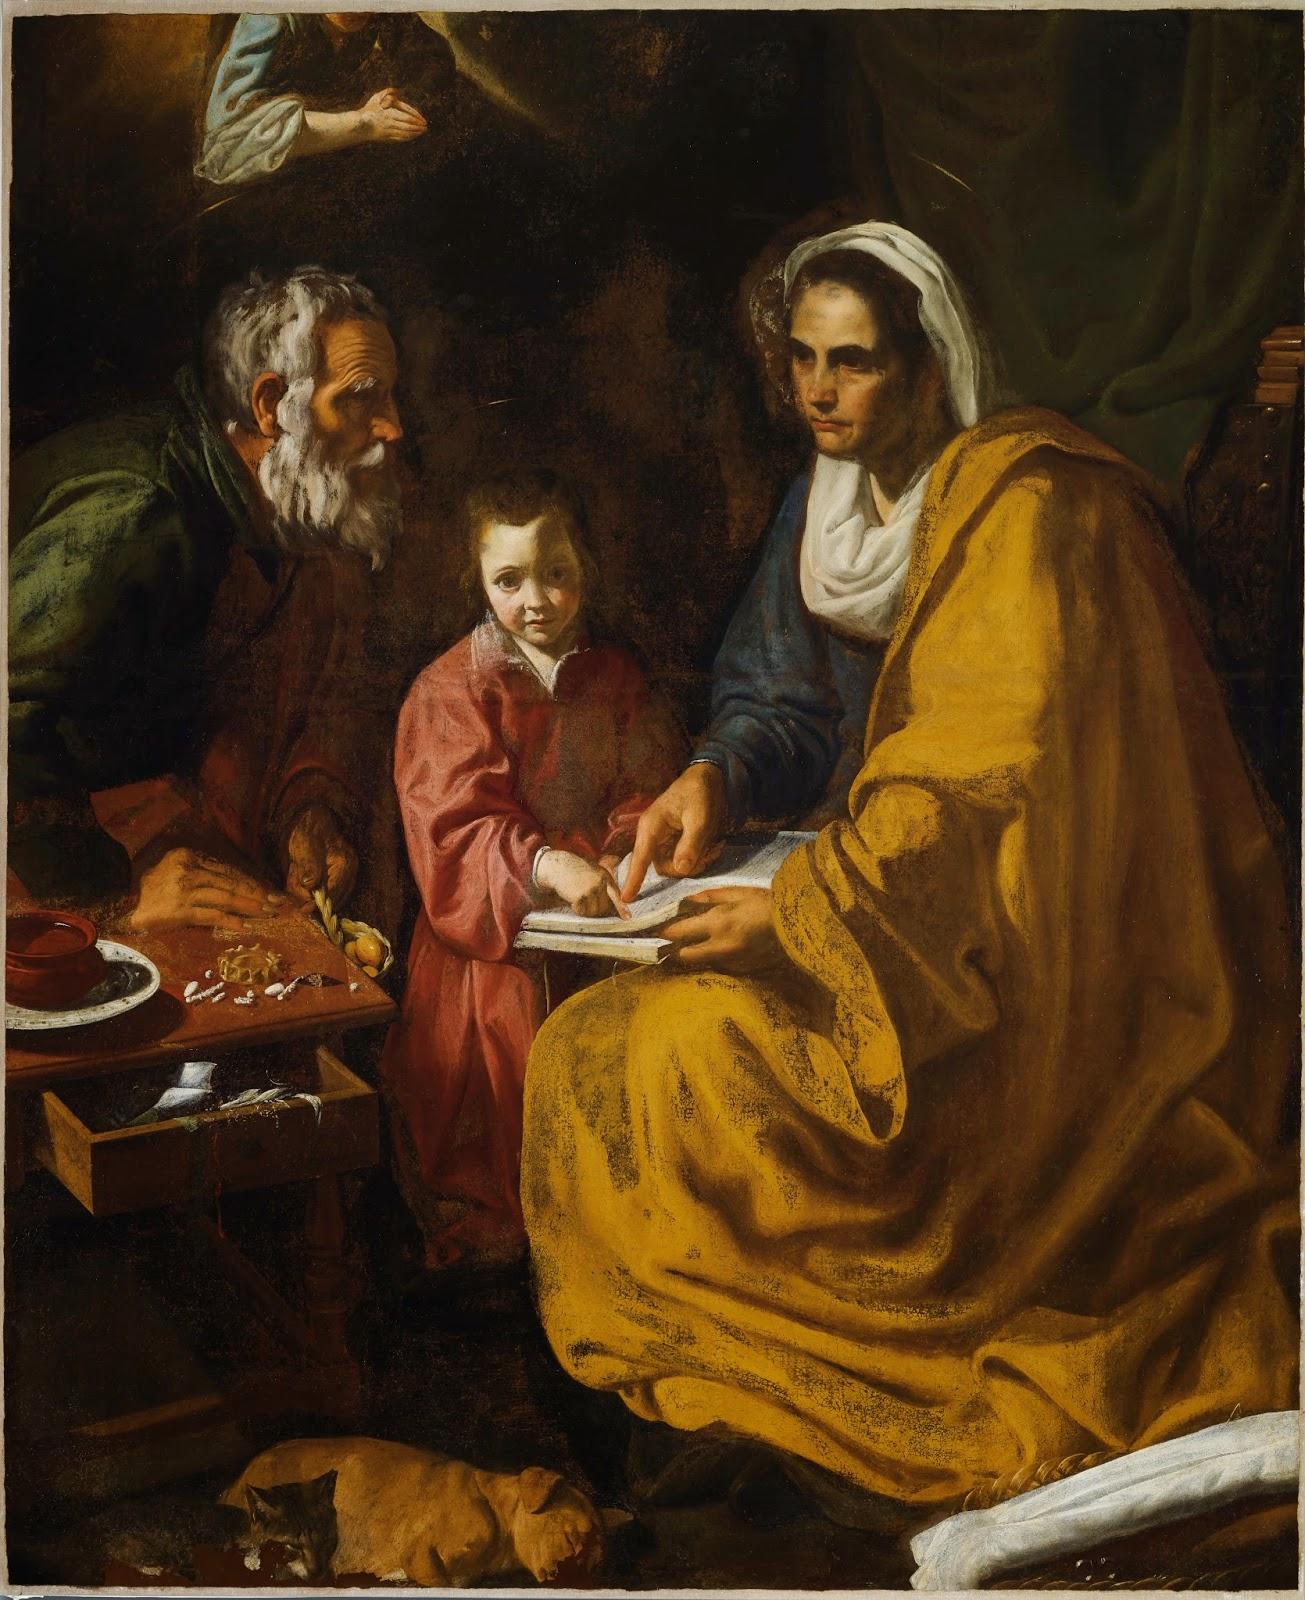 Tras la pista de Velázquez: La educación de la Virgen